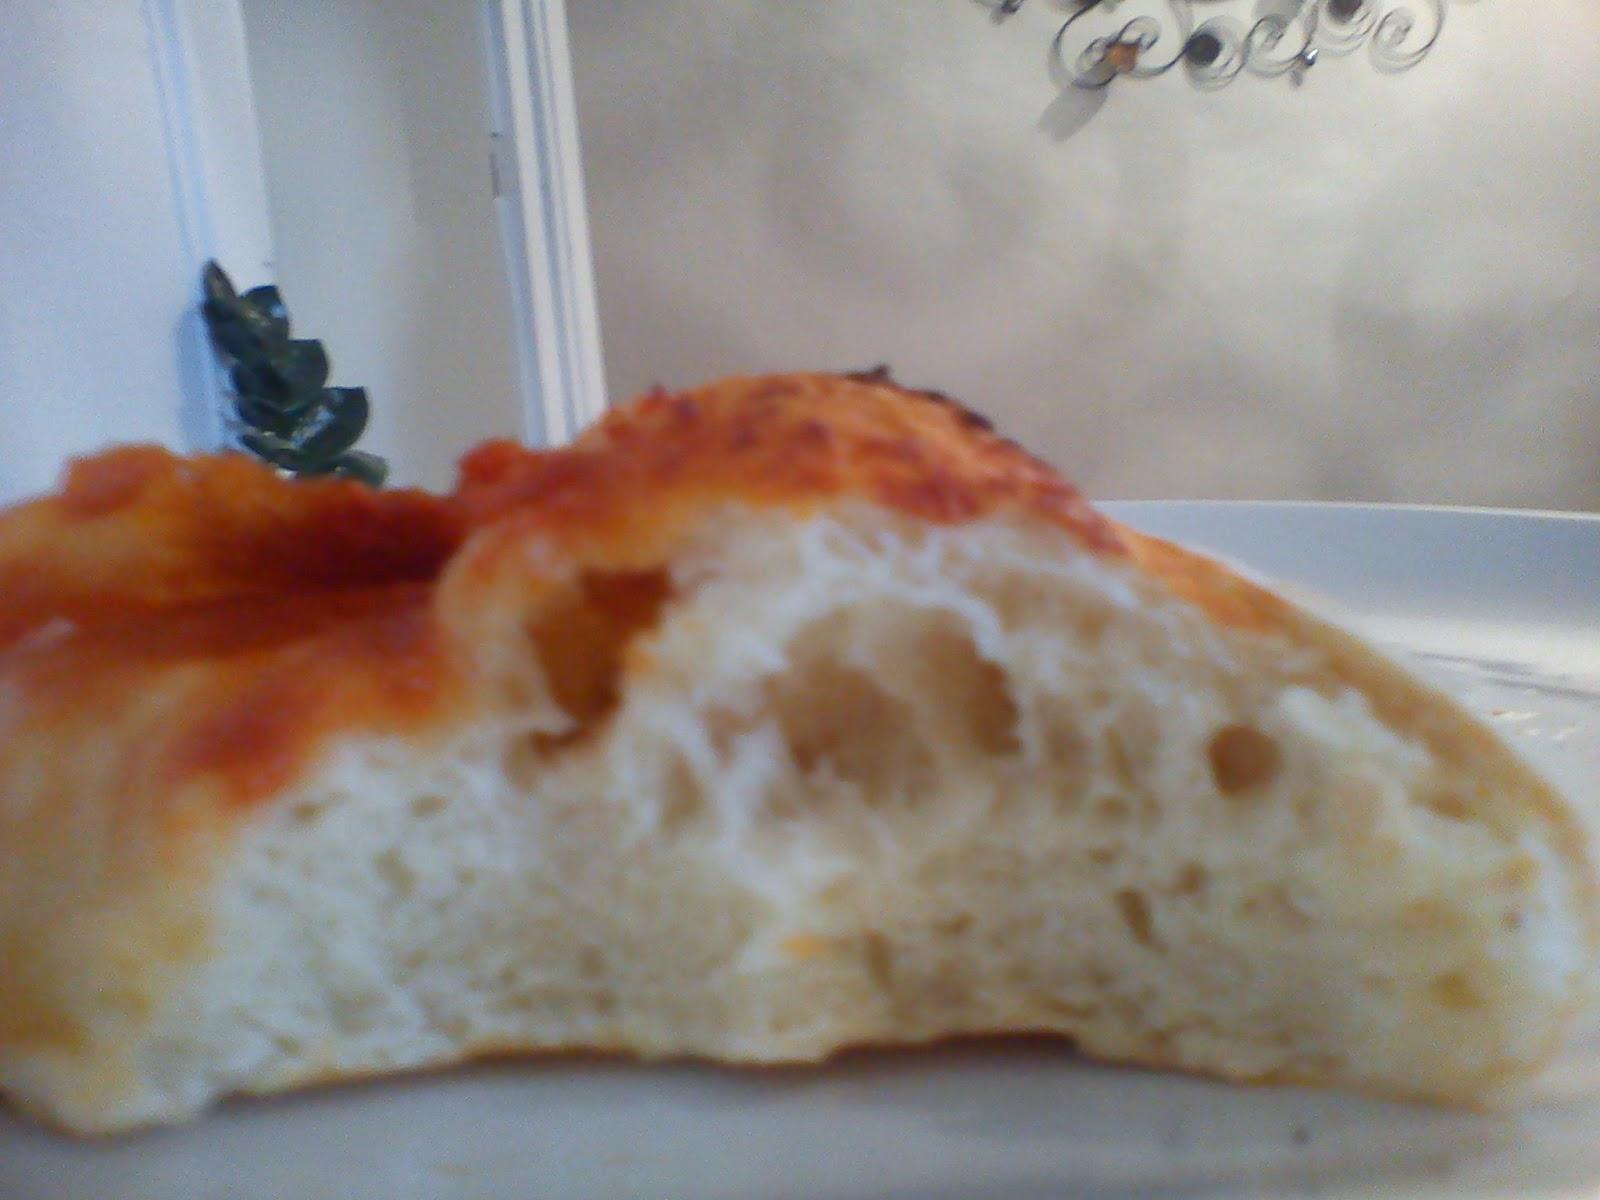 Les recettes d 39 emilie p te pizza moelleuse - Recette pate a pizza italienne epaisse ...